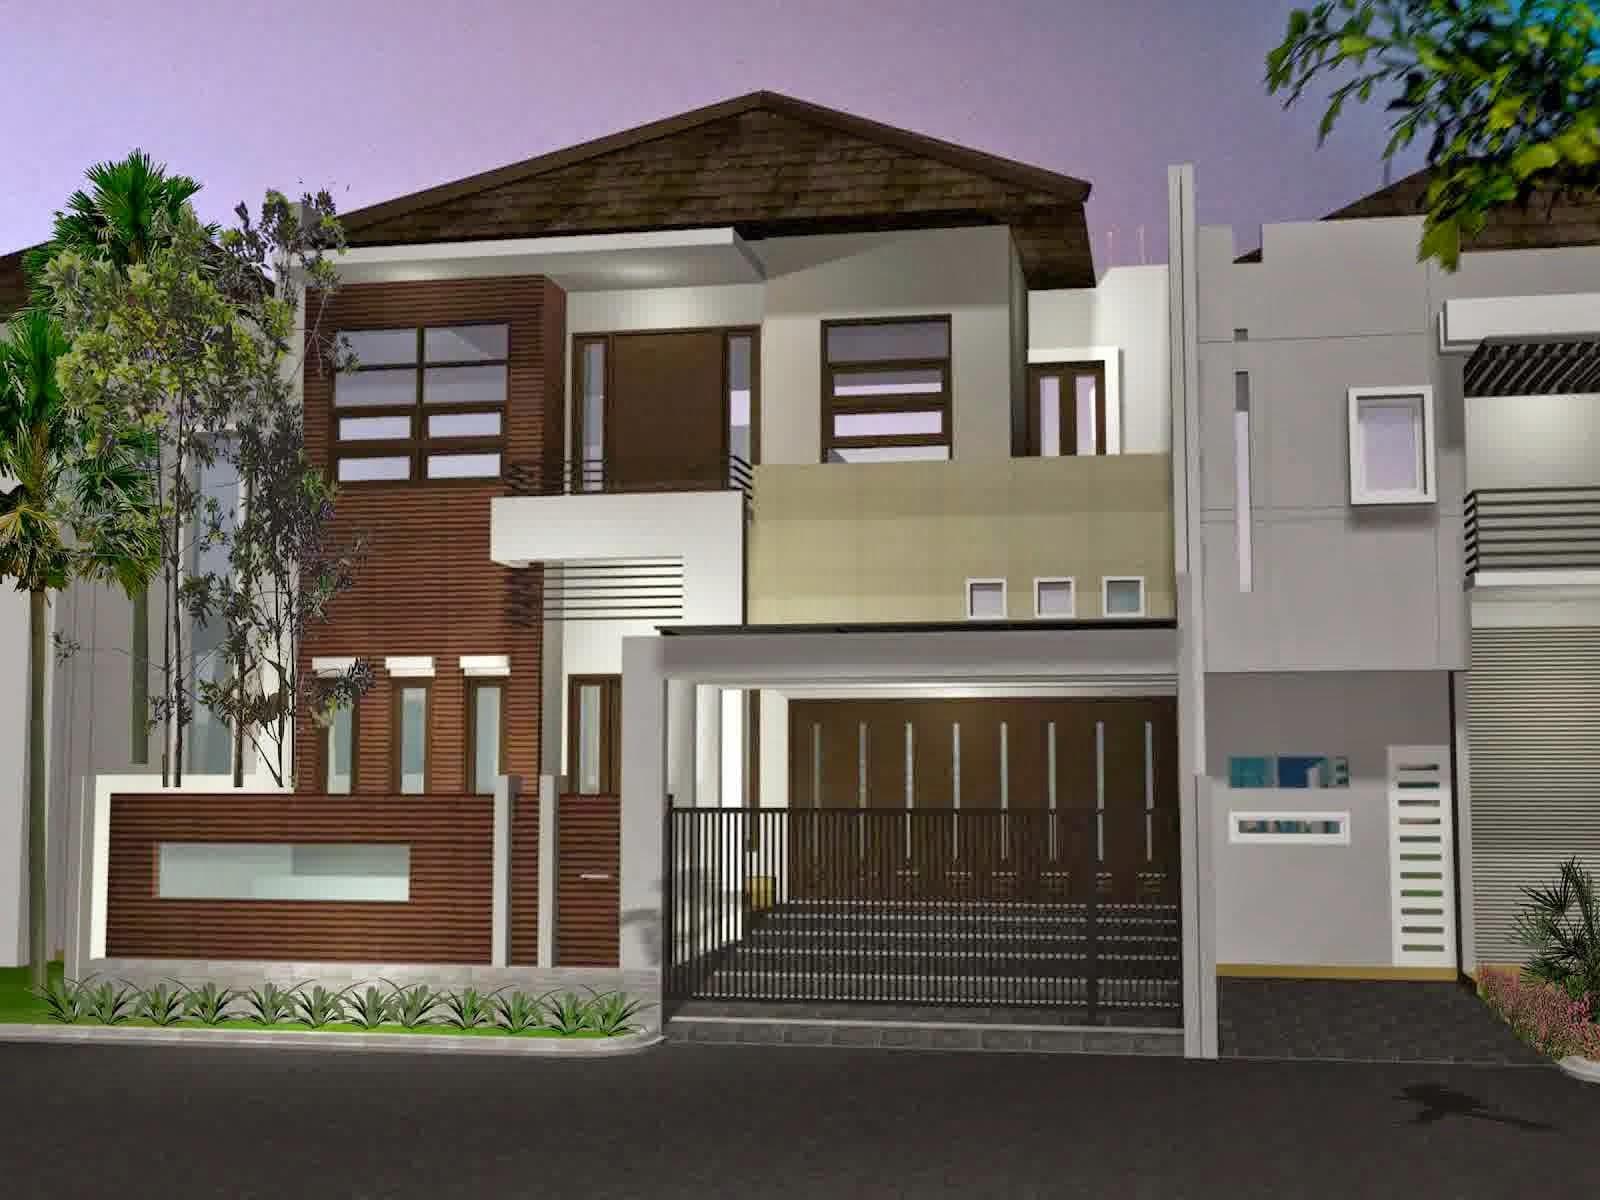 Gambar Desain Rumah Modern Minimalis Besar